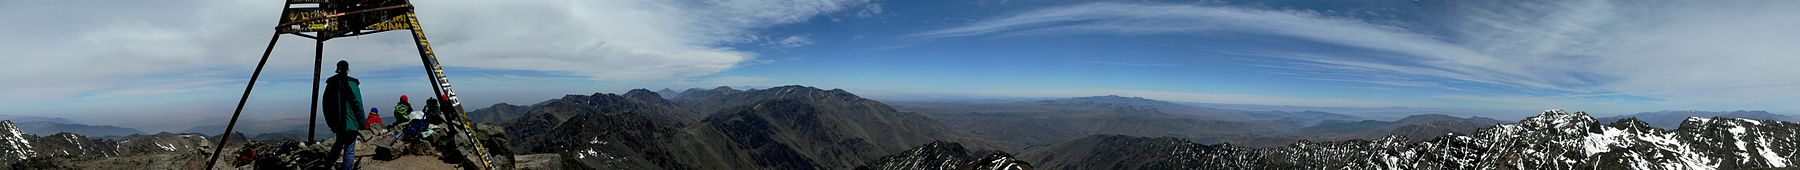 Afrika'nın en yüksek 2. doruğu olan Toubkal zirvesinin 360 °C panoramik görüntüsü